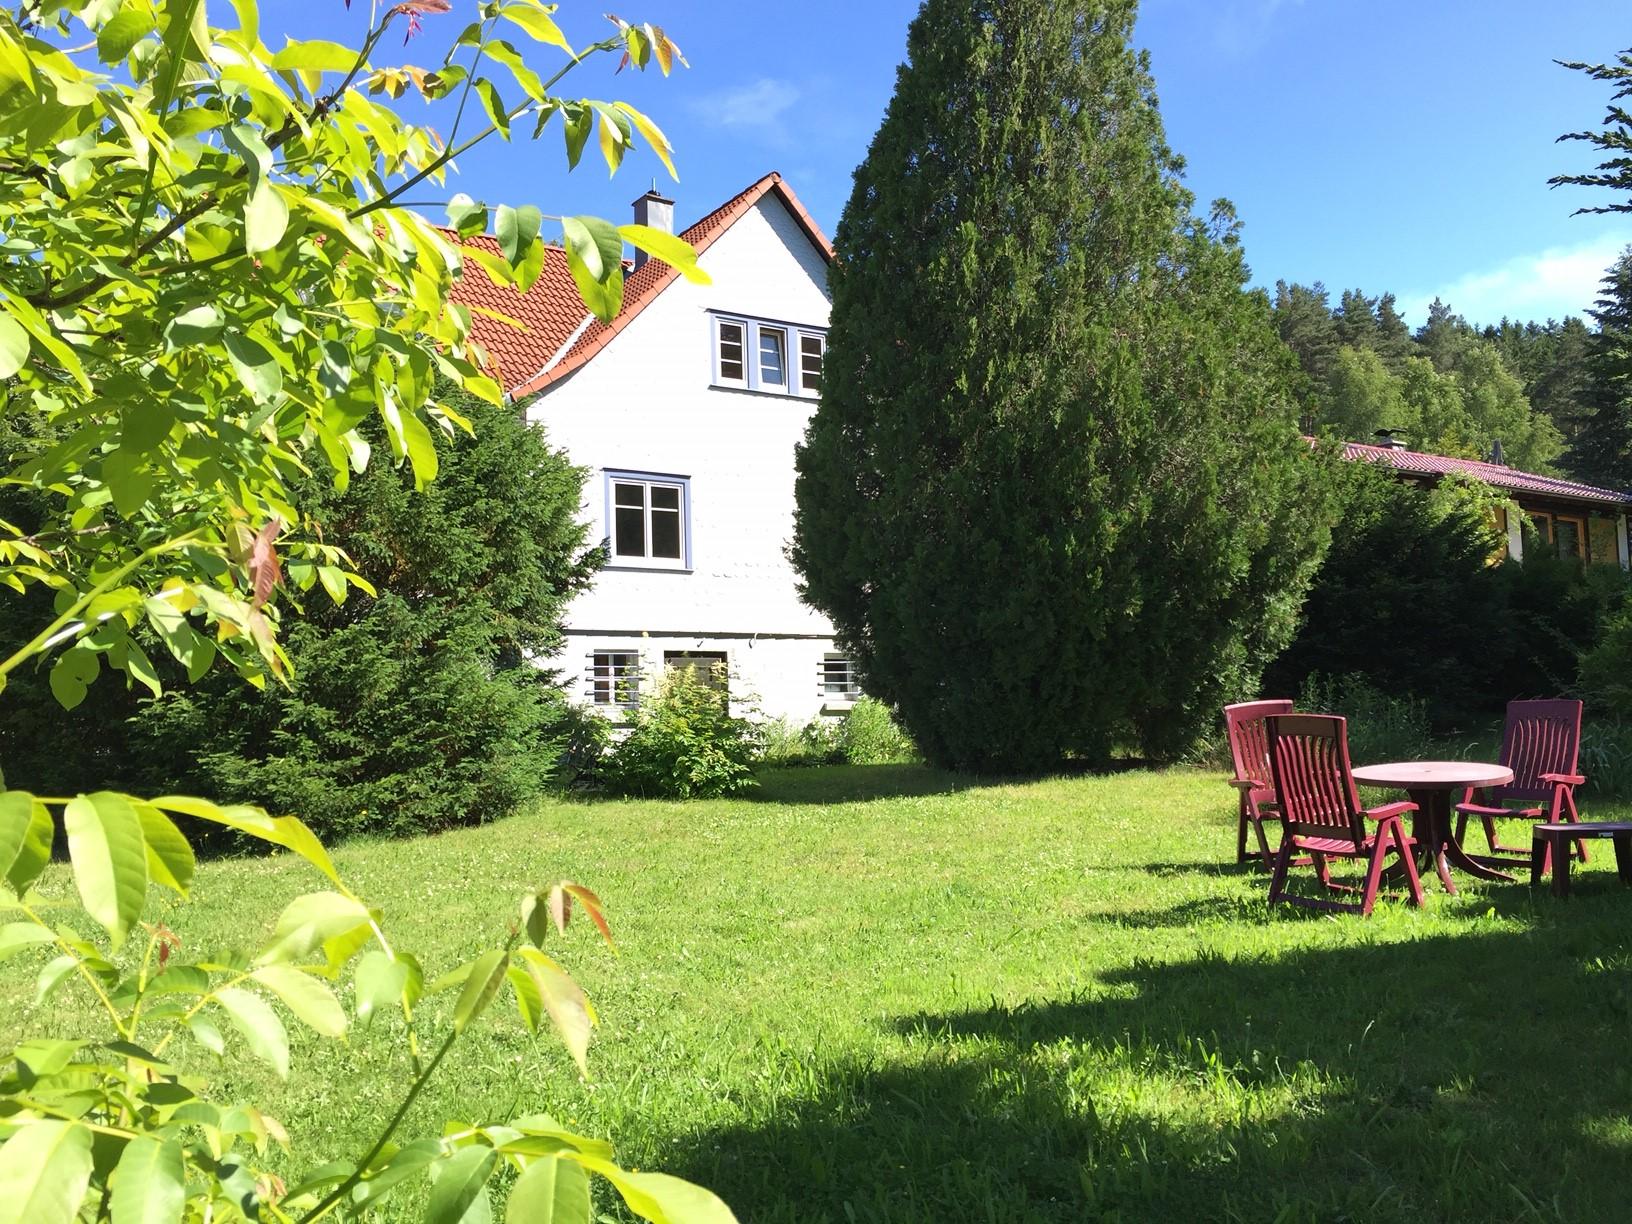 Ferienwohnungen Malvenhaus (Bad Tabarz). FW2 Ferie Ferienwohnung in Thüringen